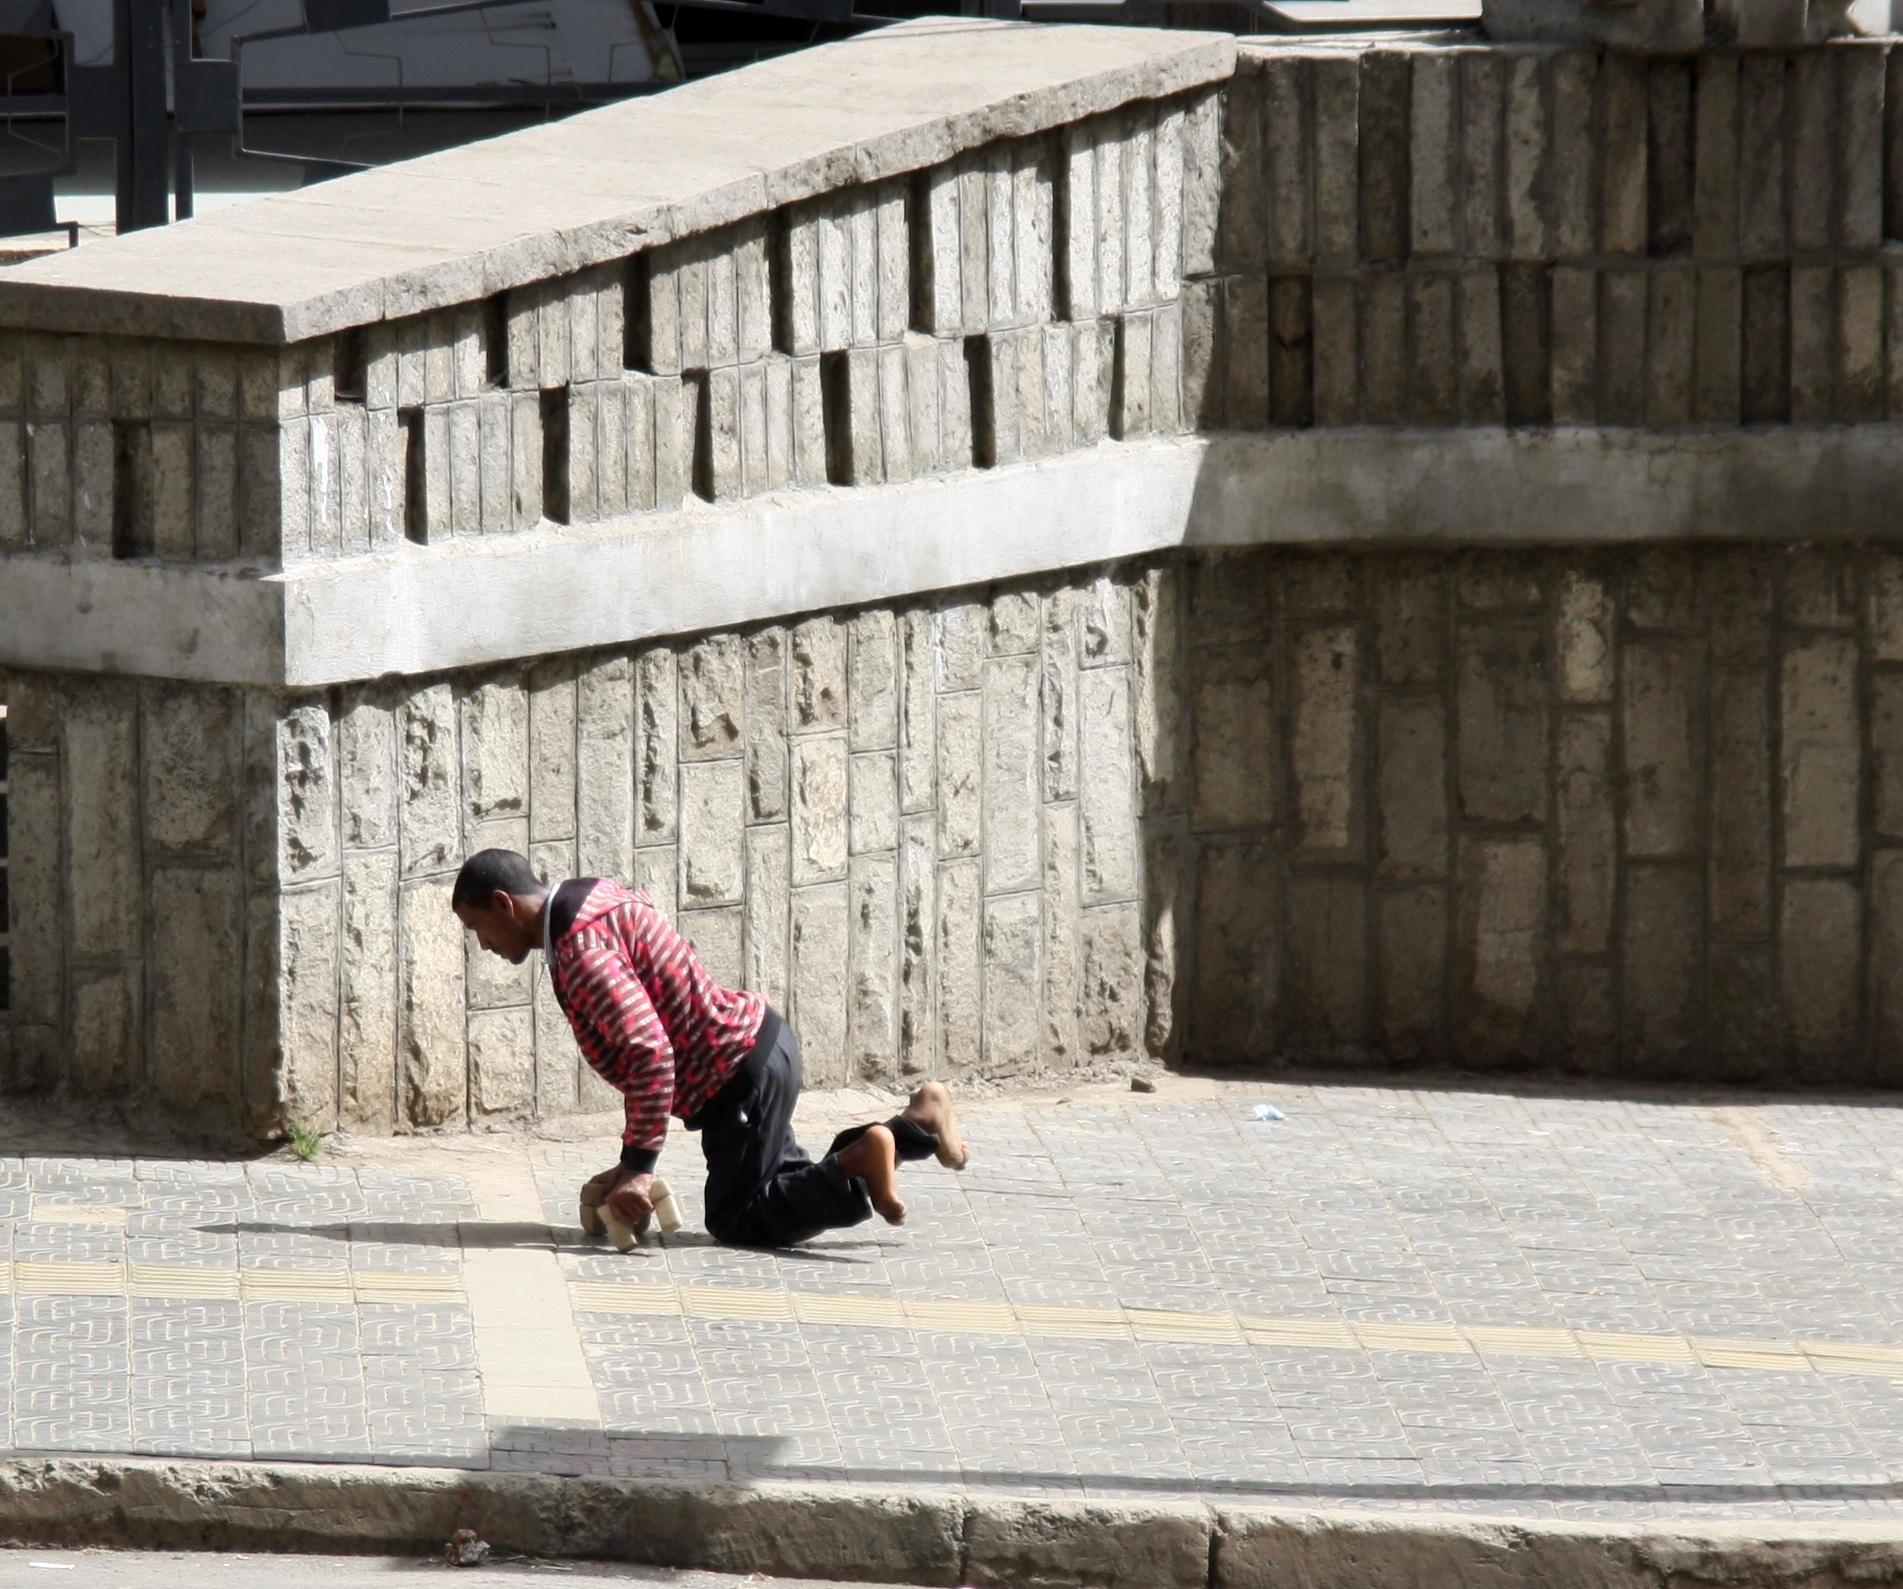 Un uomo solo per le strade di Addis Ababa in Etiopia mentre si trascina a terra. Flickr/Neil Johnson in licenza CC.